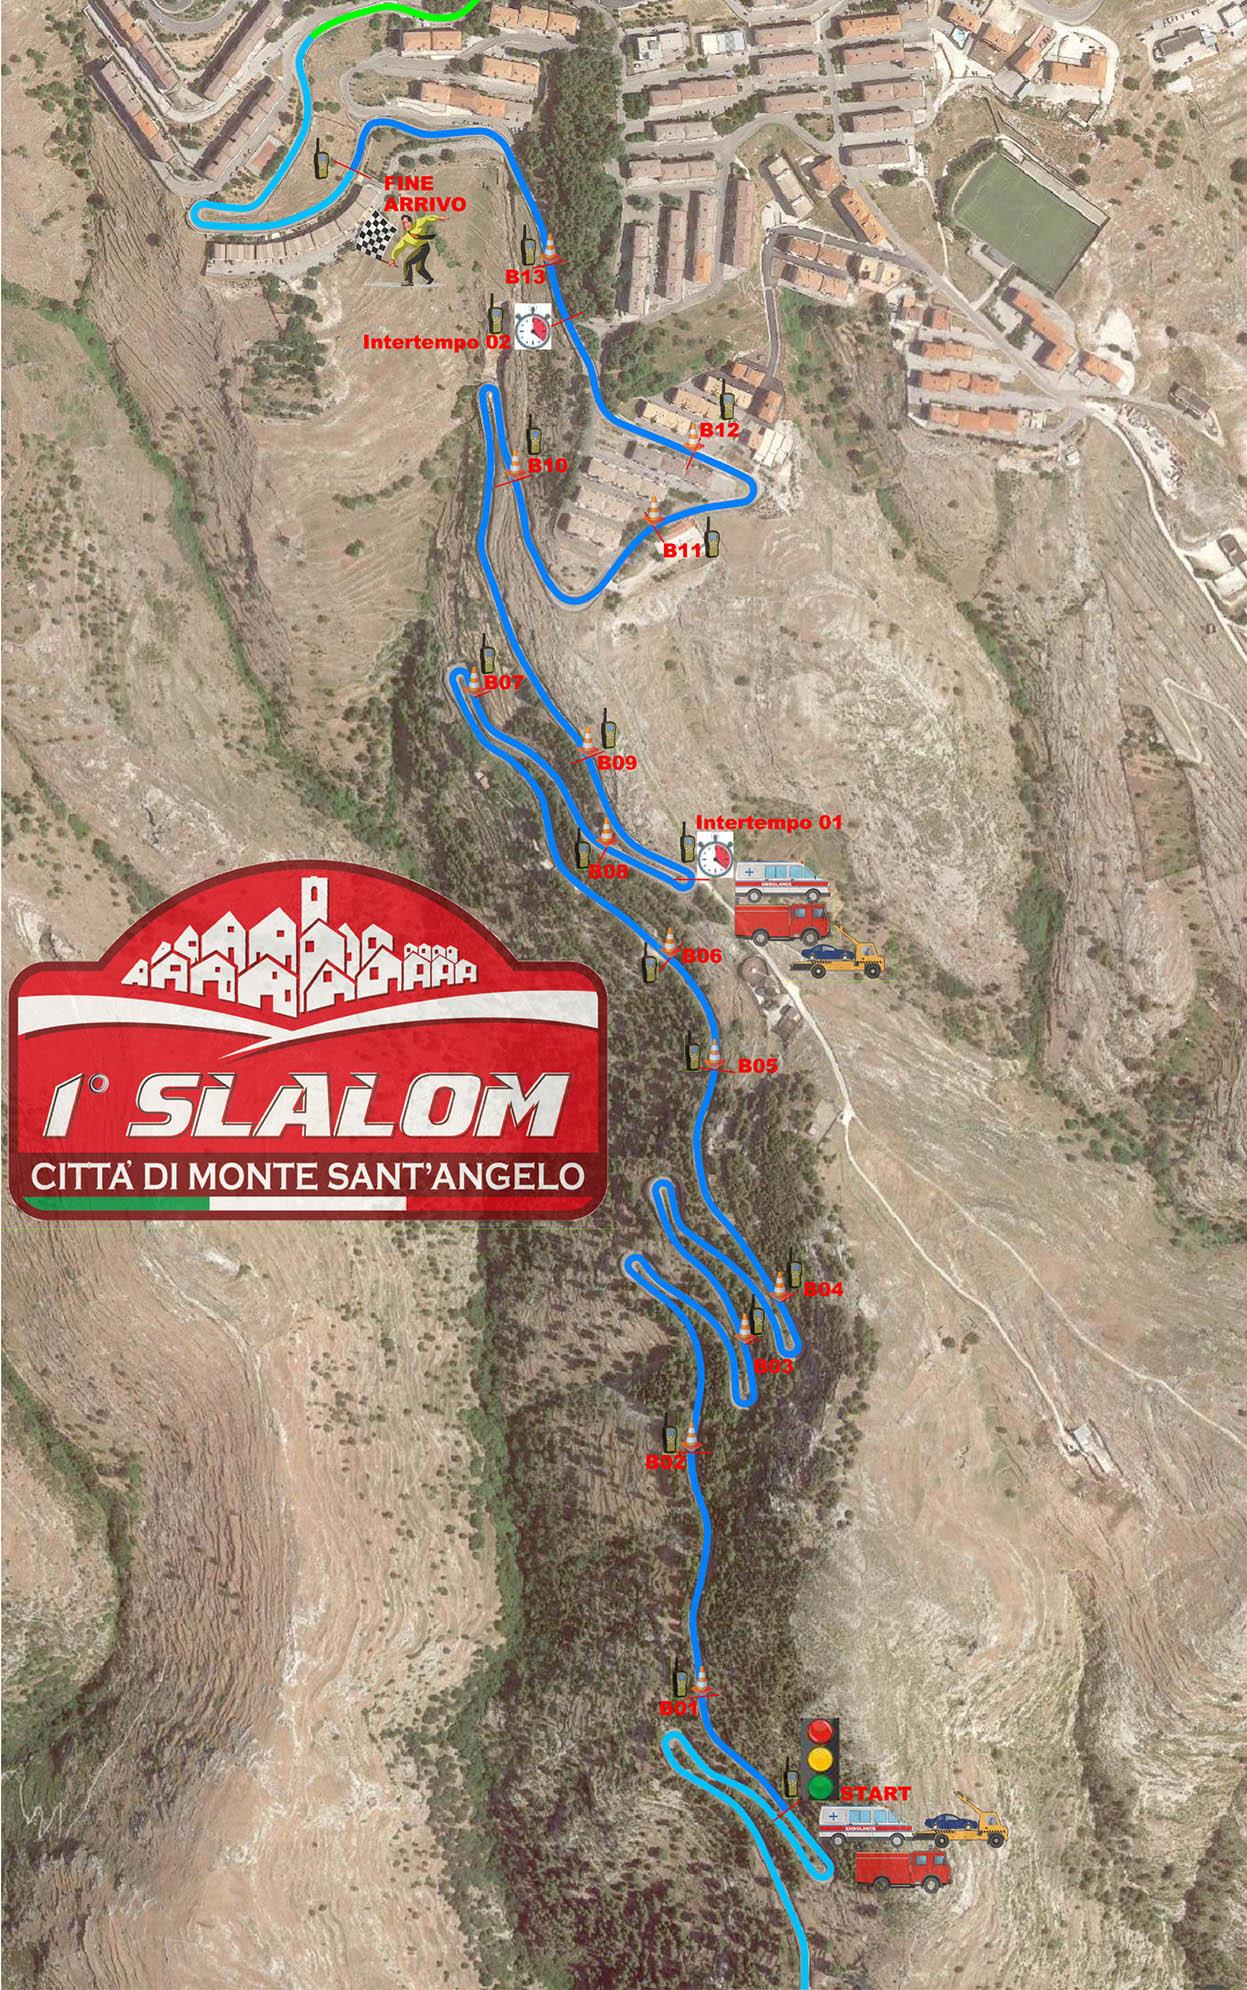 Planimetria 1° slalom Macchia - Monte Sant'Angelo